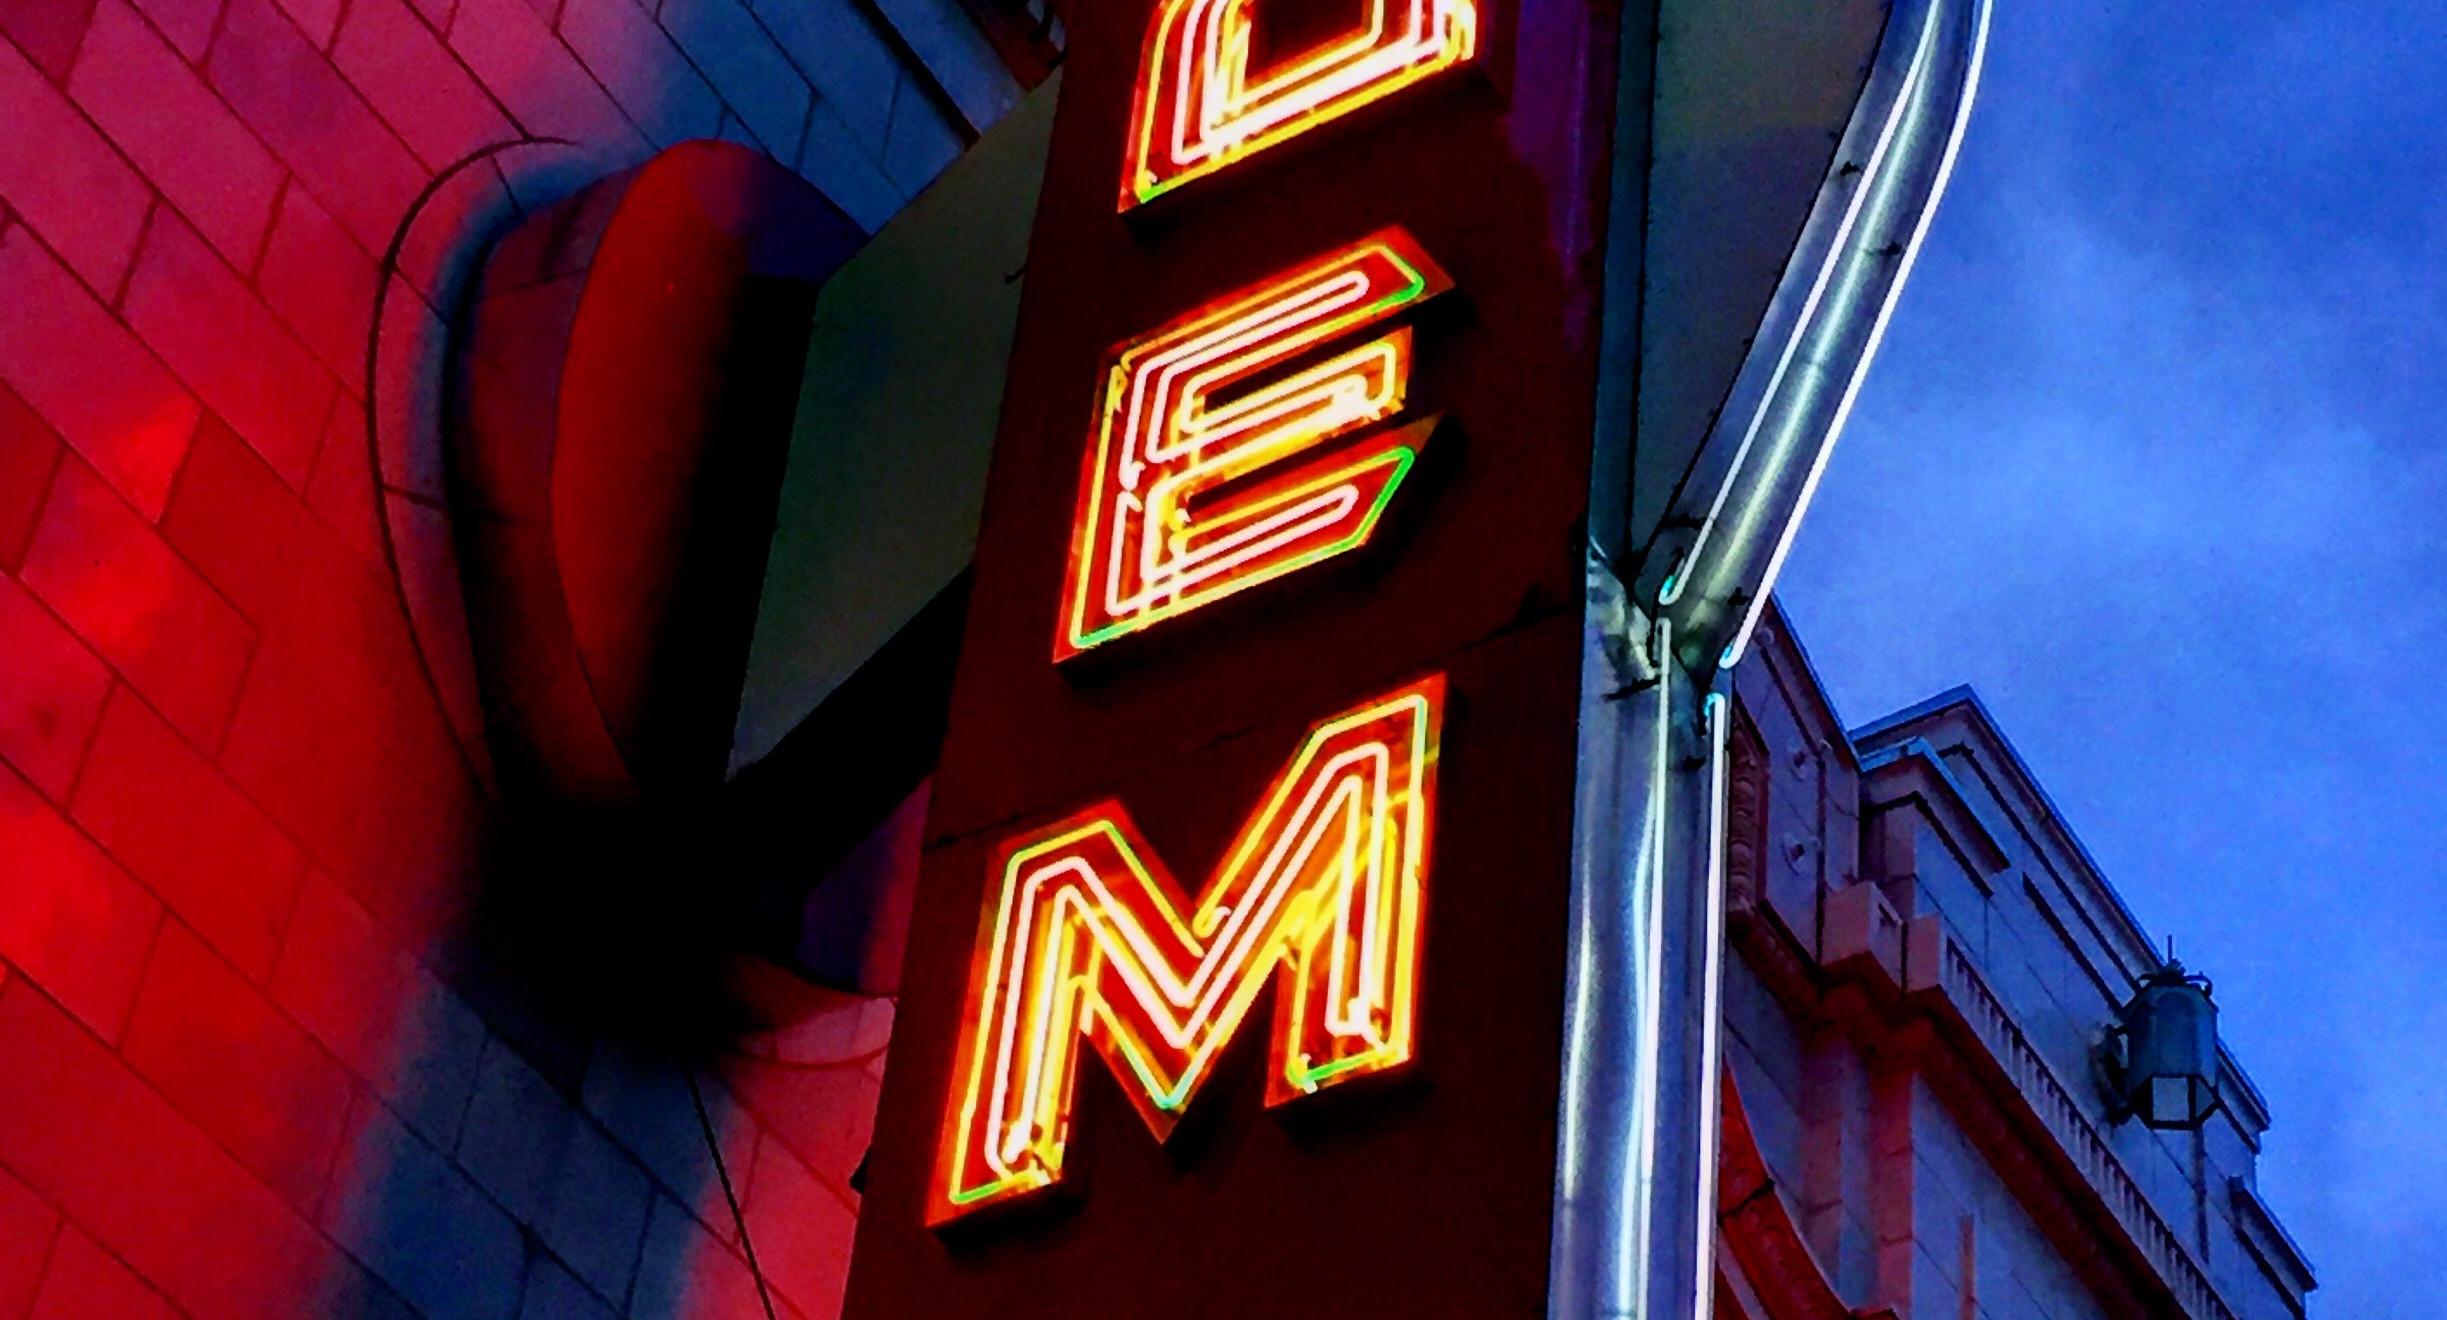 The Gem Theatre, Kansas City, Mo